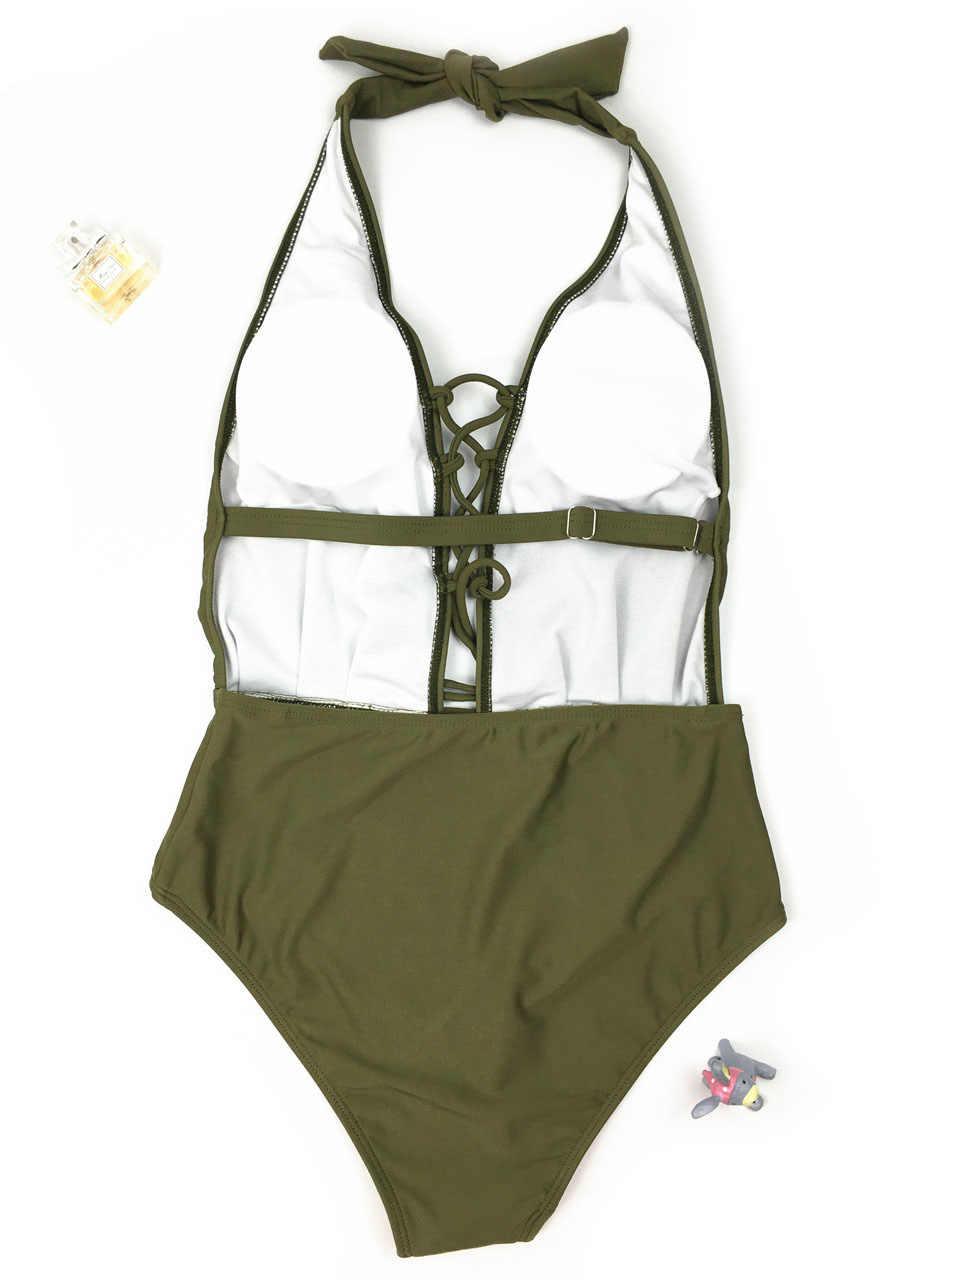 Армейский зеленый Монокини сдельный купальный костюм Высокая талия купальники для женщин со шнуровкой Maillot Femme купальник пляжная одежда боди трикини